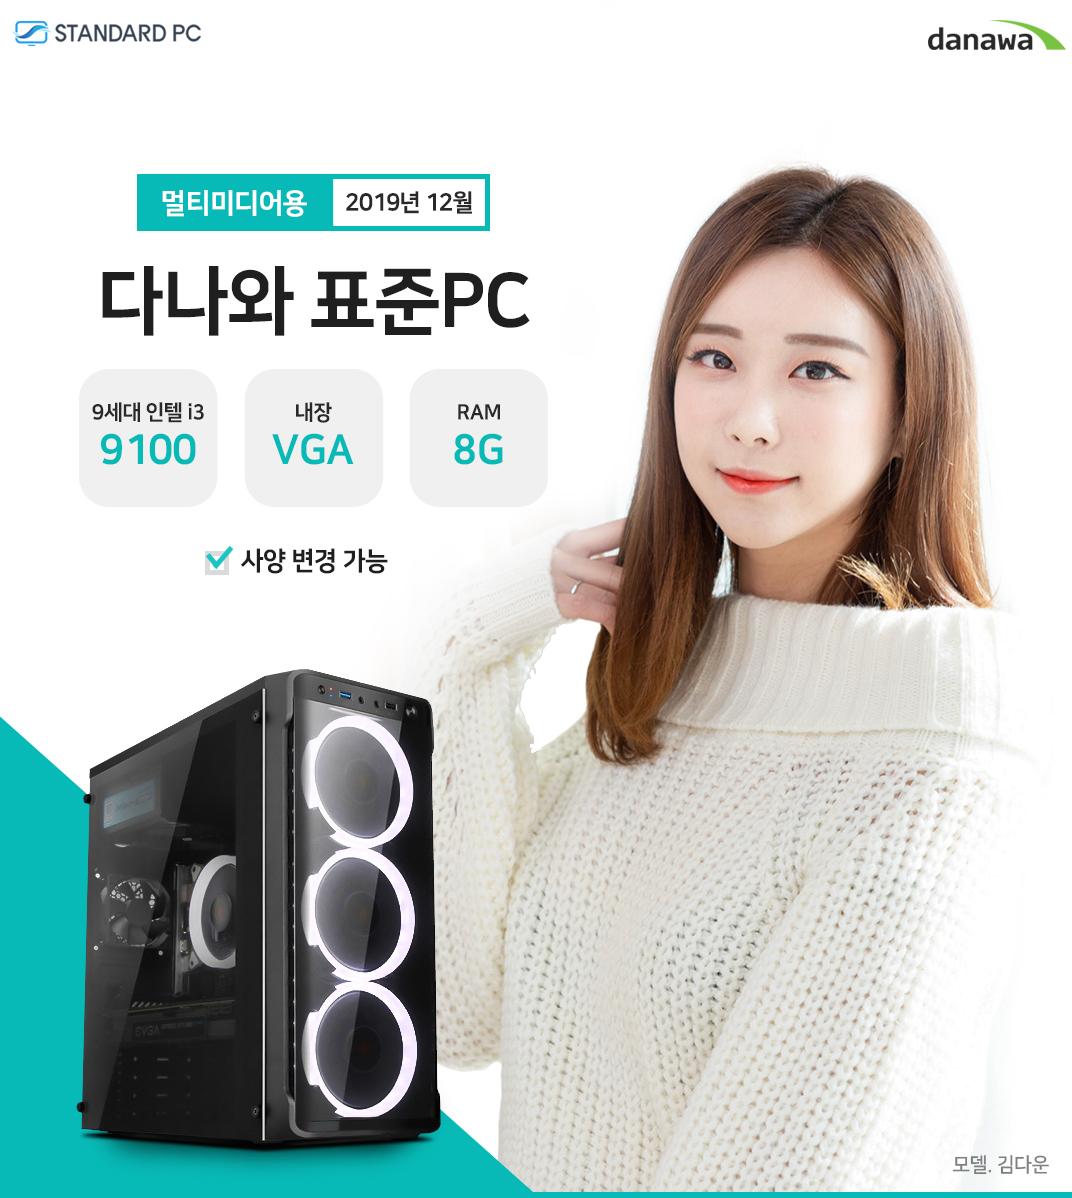 2019년 12월 다나와 멀티미디어용 인텔 I3-9100 내장 VGA RAM 8G 모델 김다운